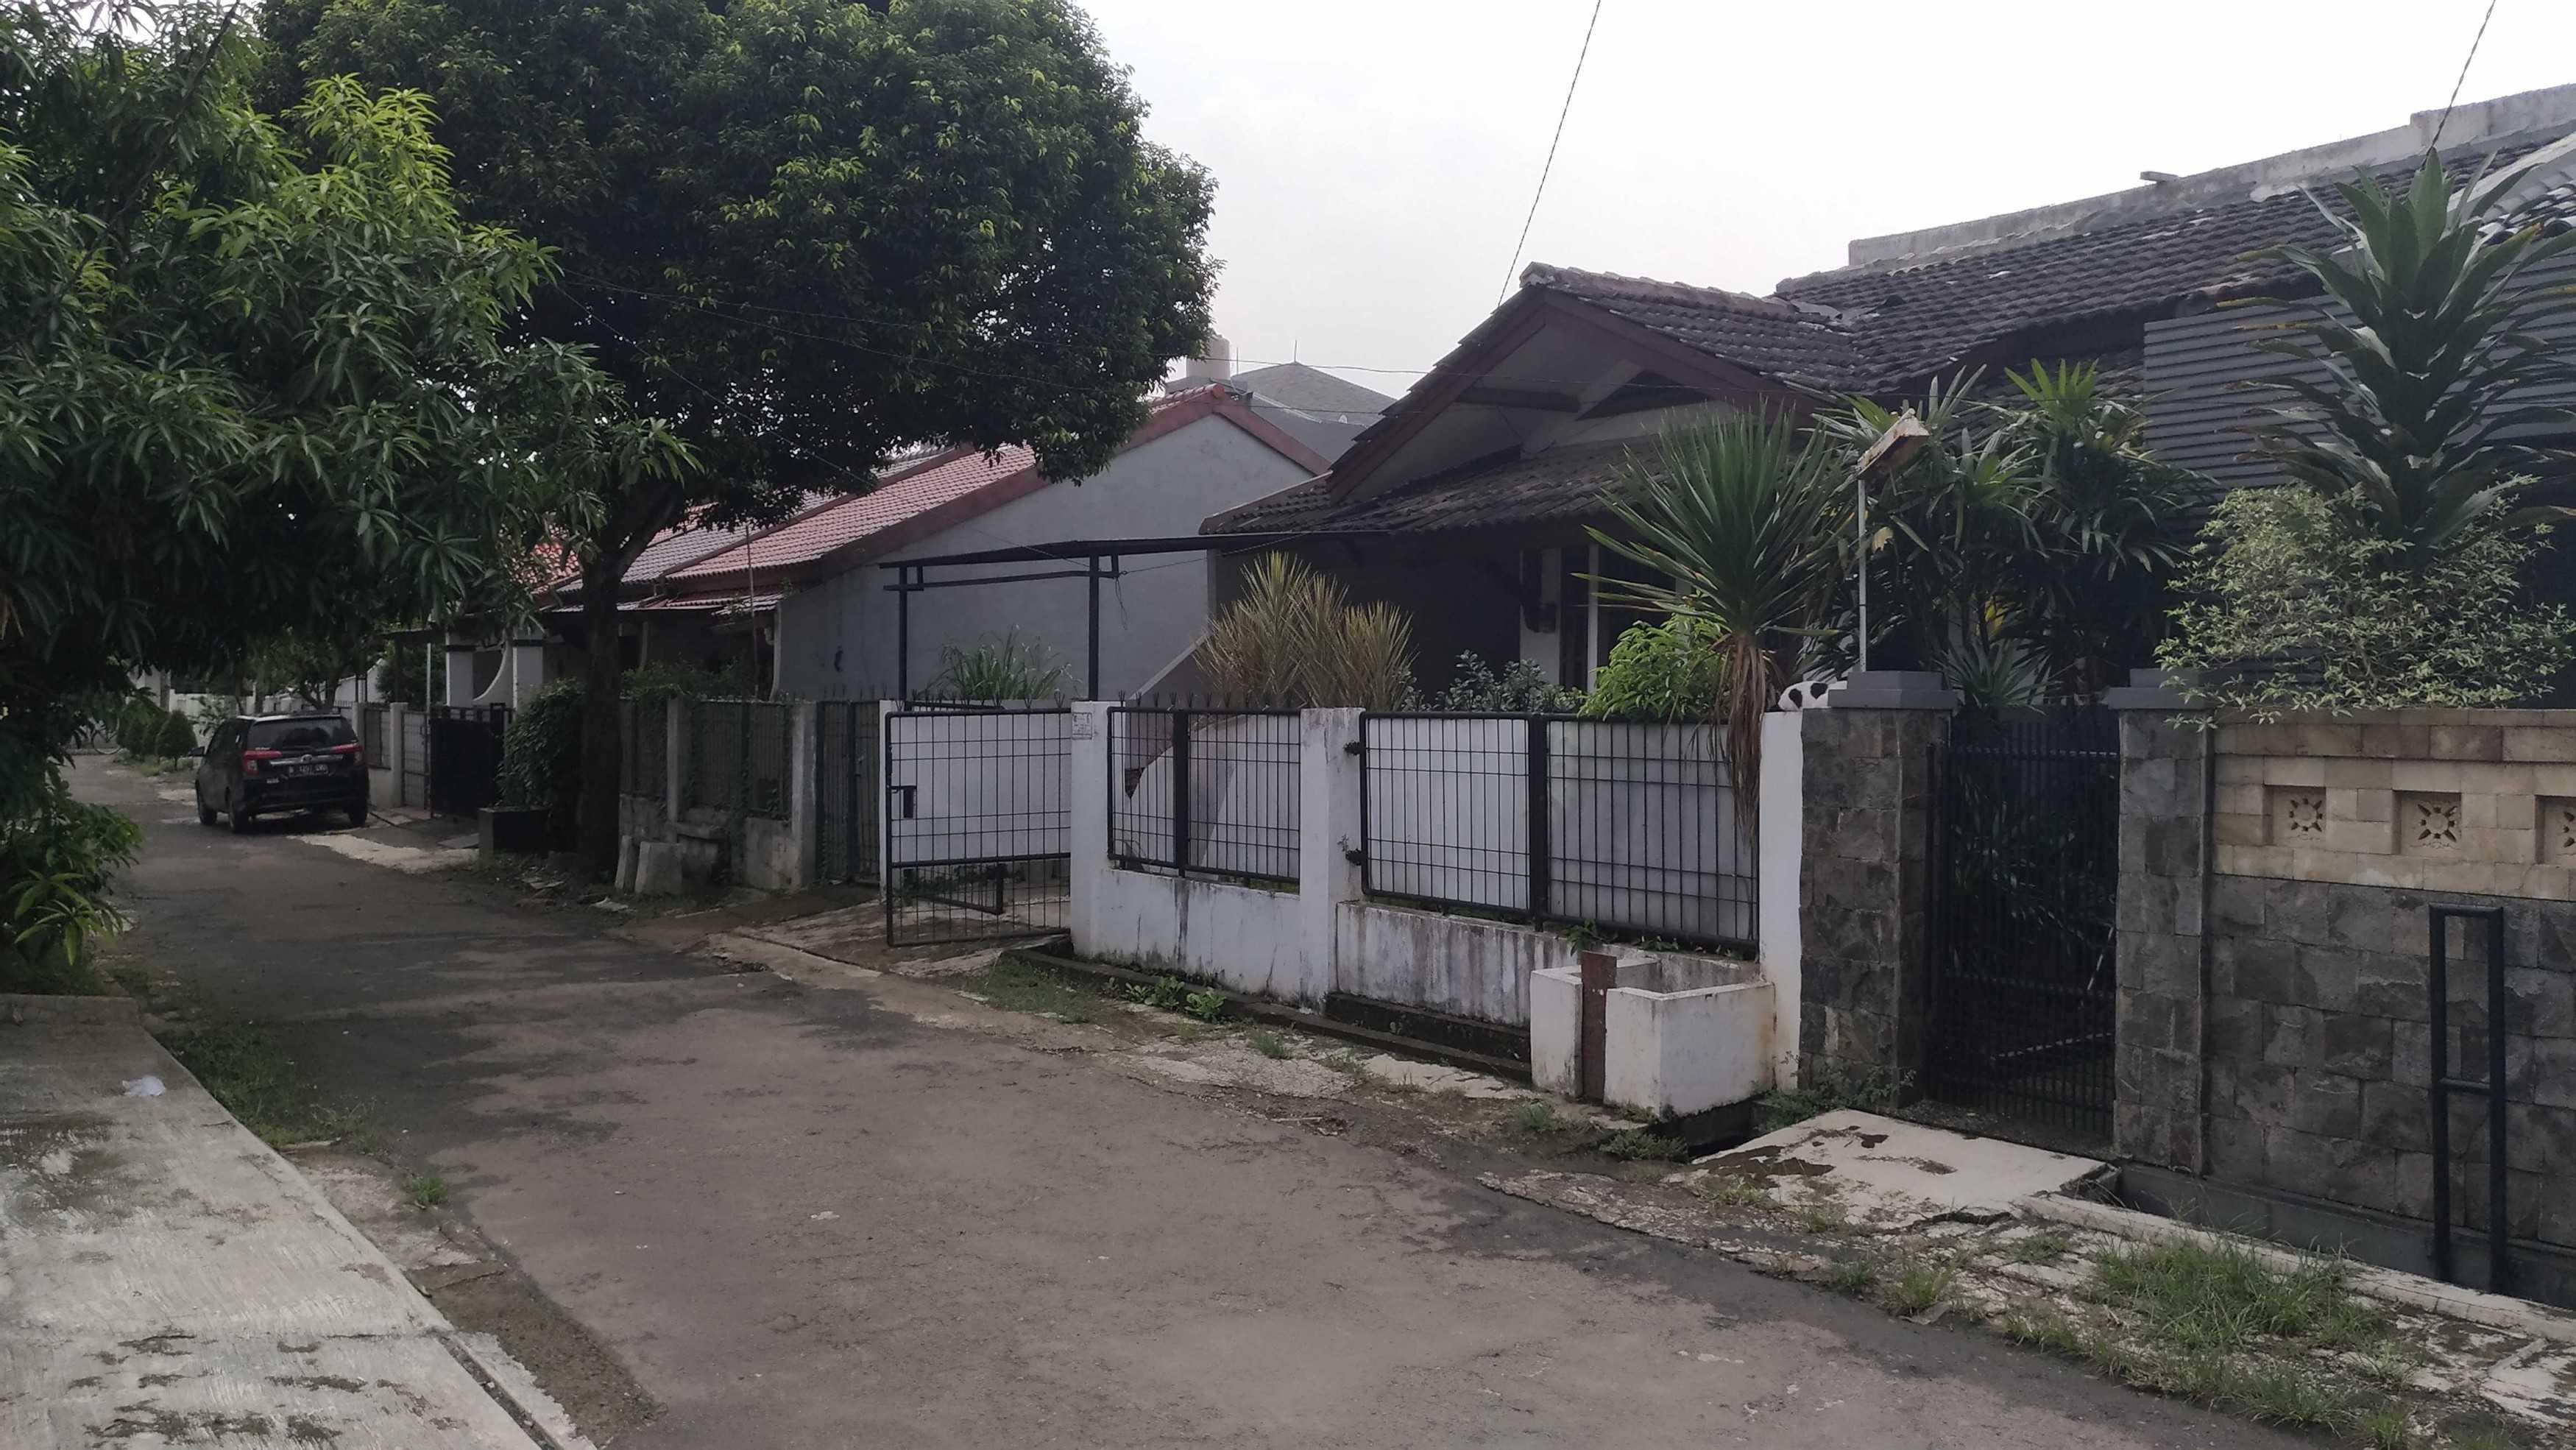 Mahastudio & Partner Renovasi Rumah Beiji Depok City, West Java, Indonesia Depok City, West Java, Indonesia Denah Eksisting Tropis  33344